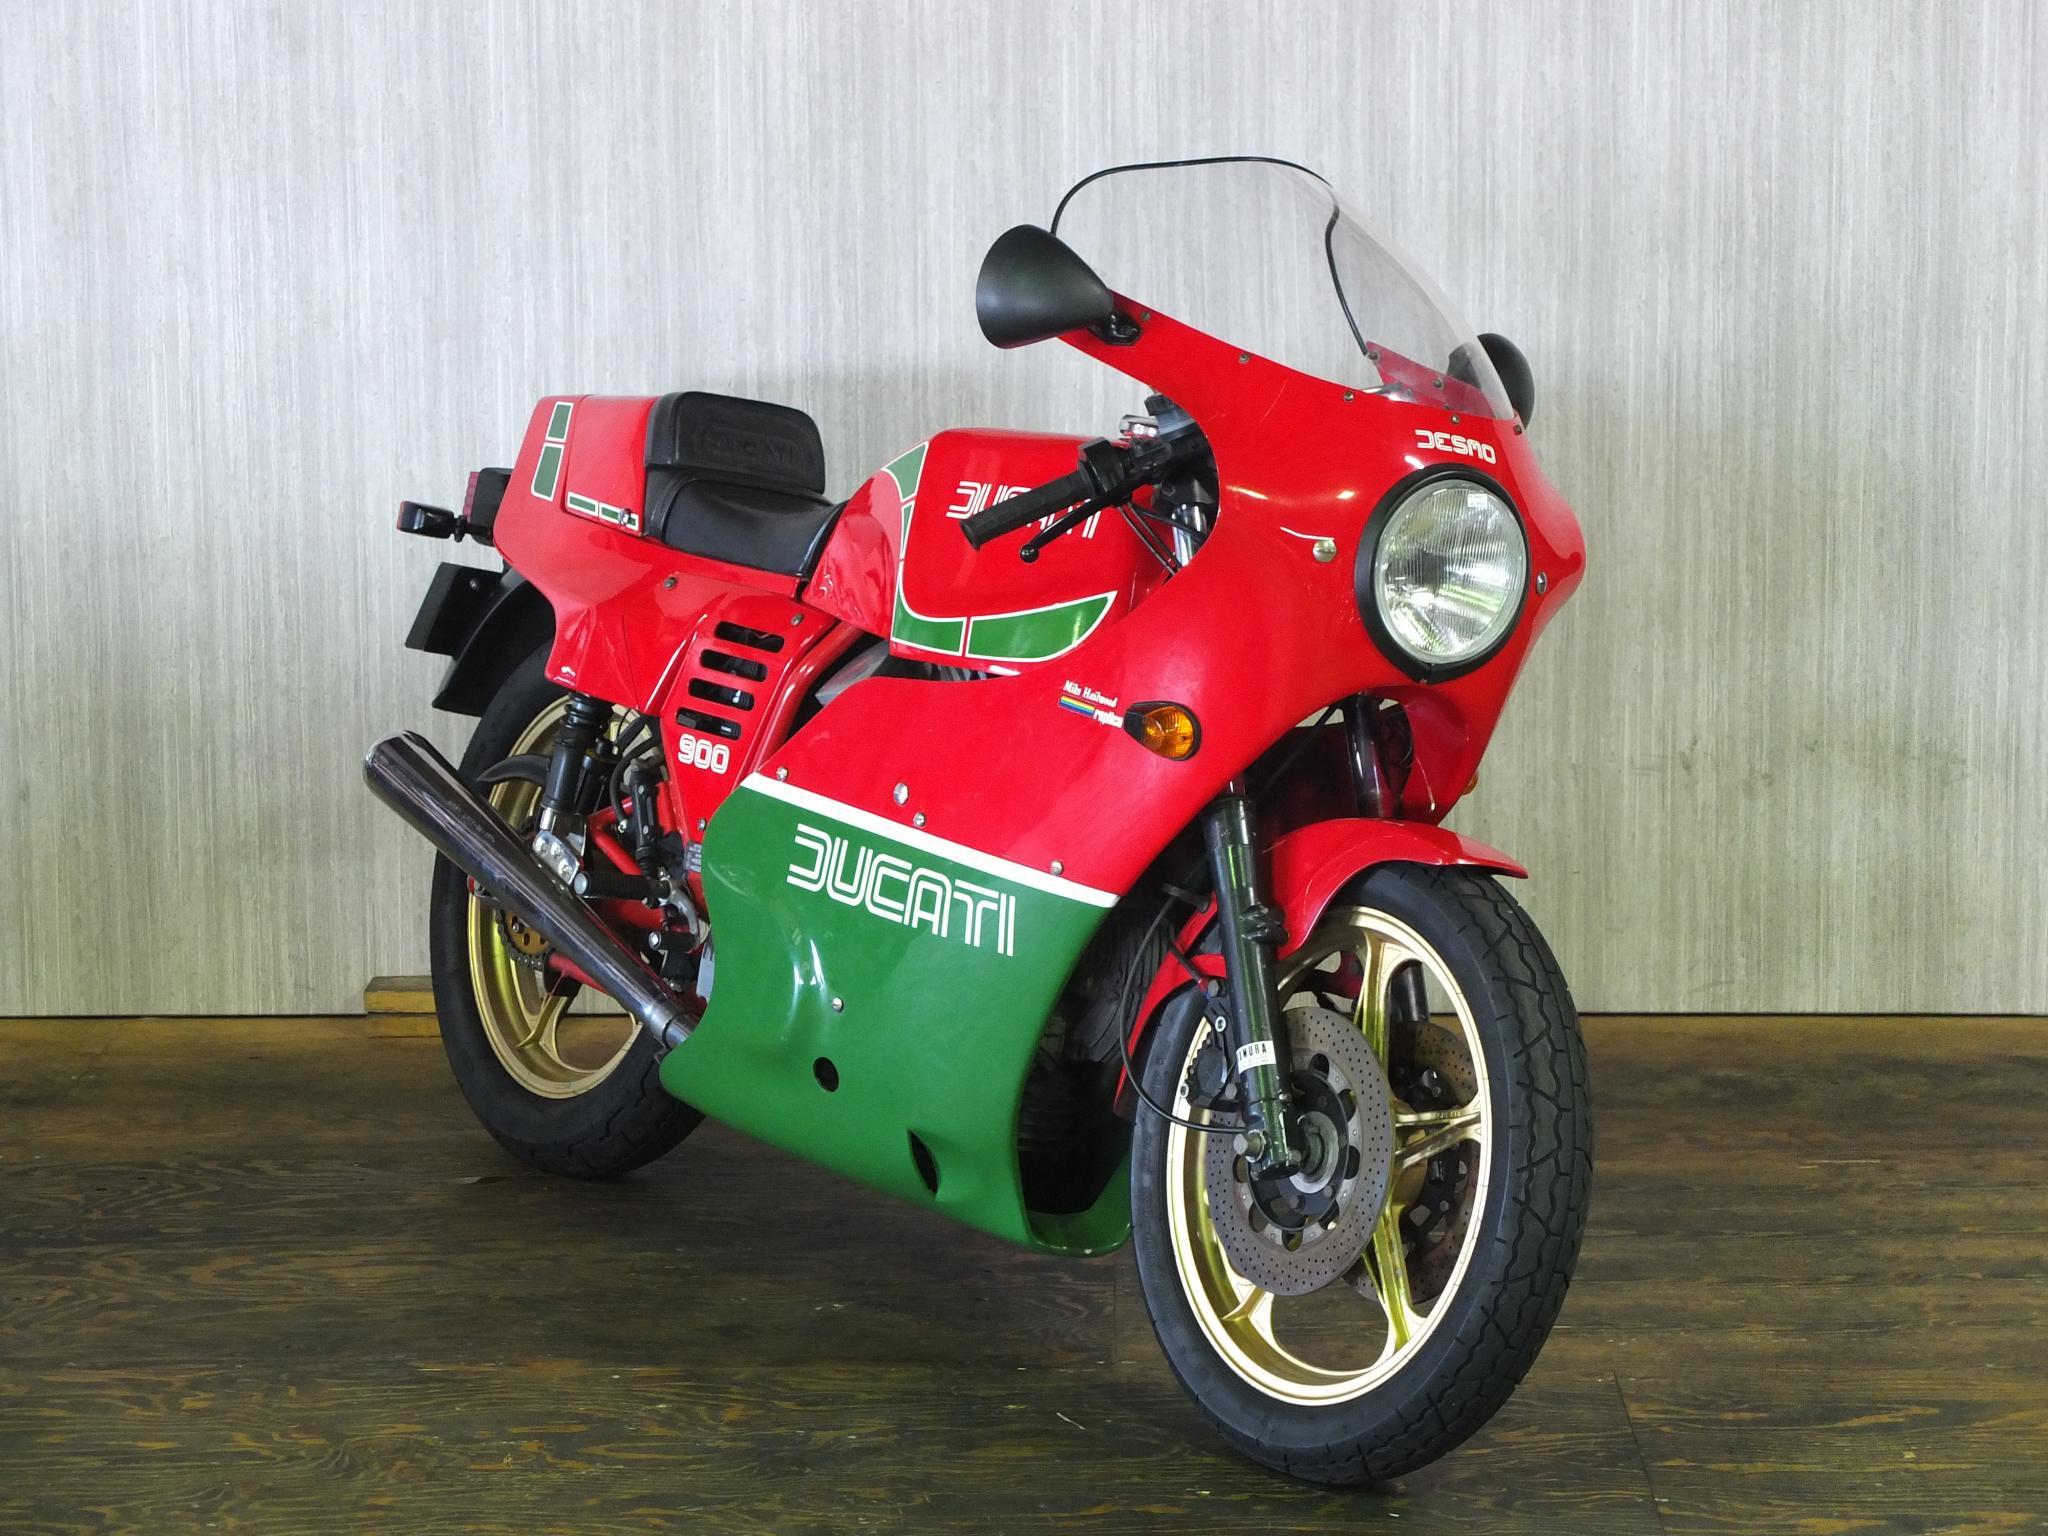 ドゥカティ 1983 Ducati MHR 900 R1 車体写真2